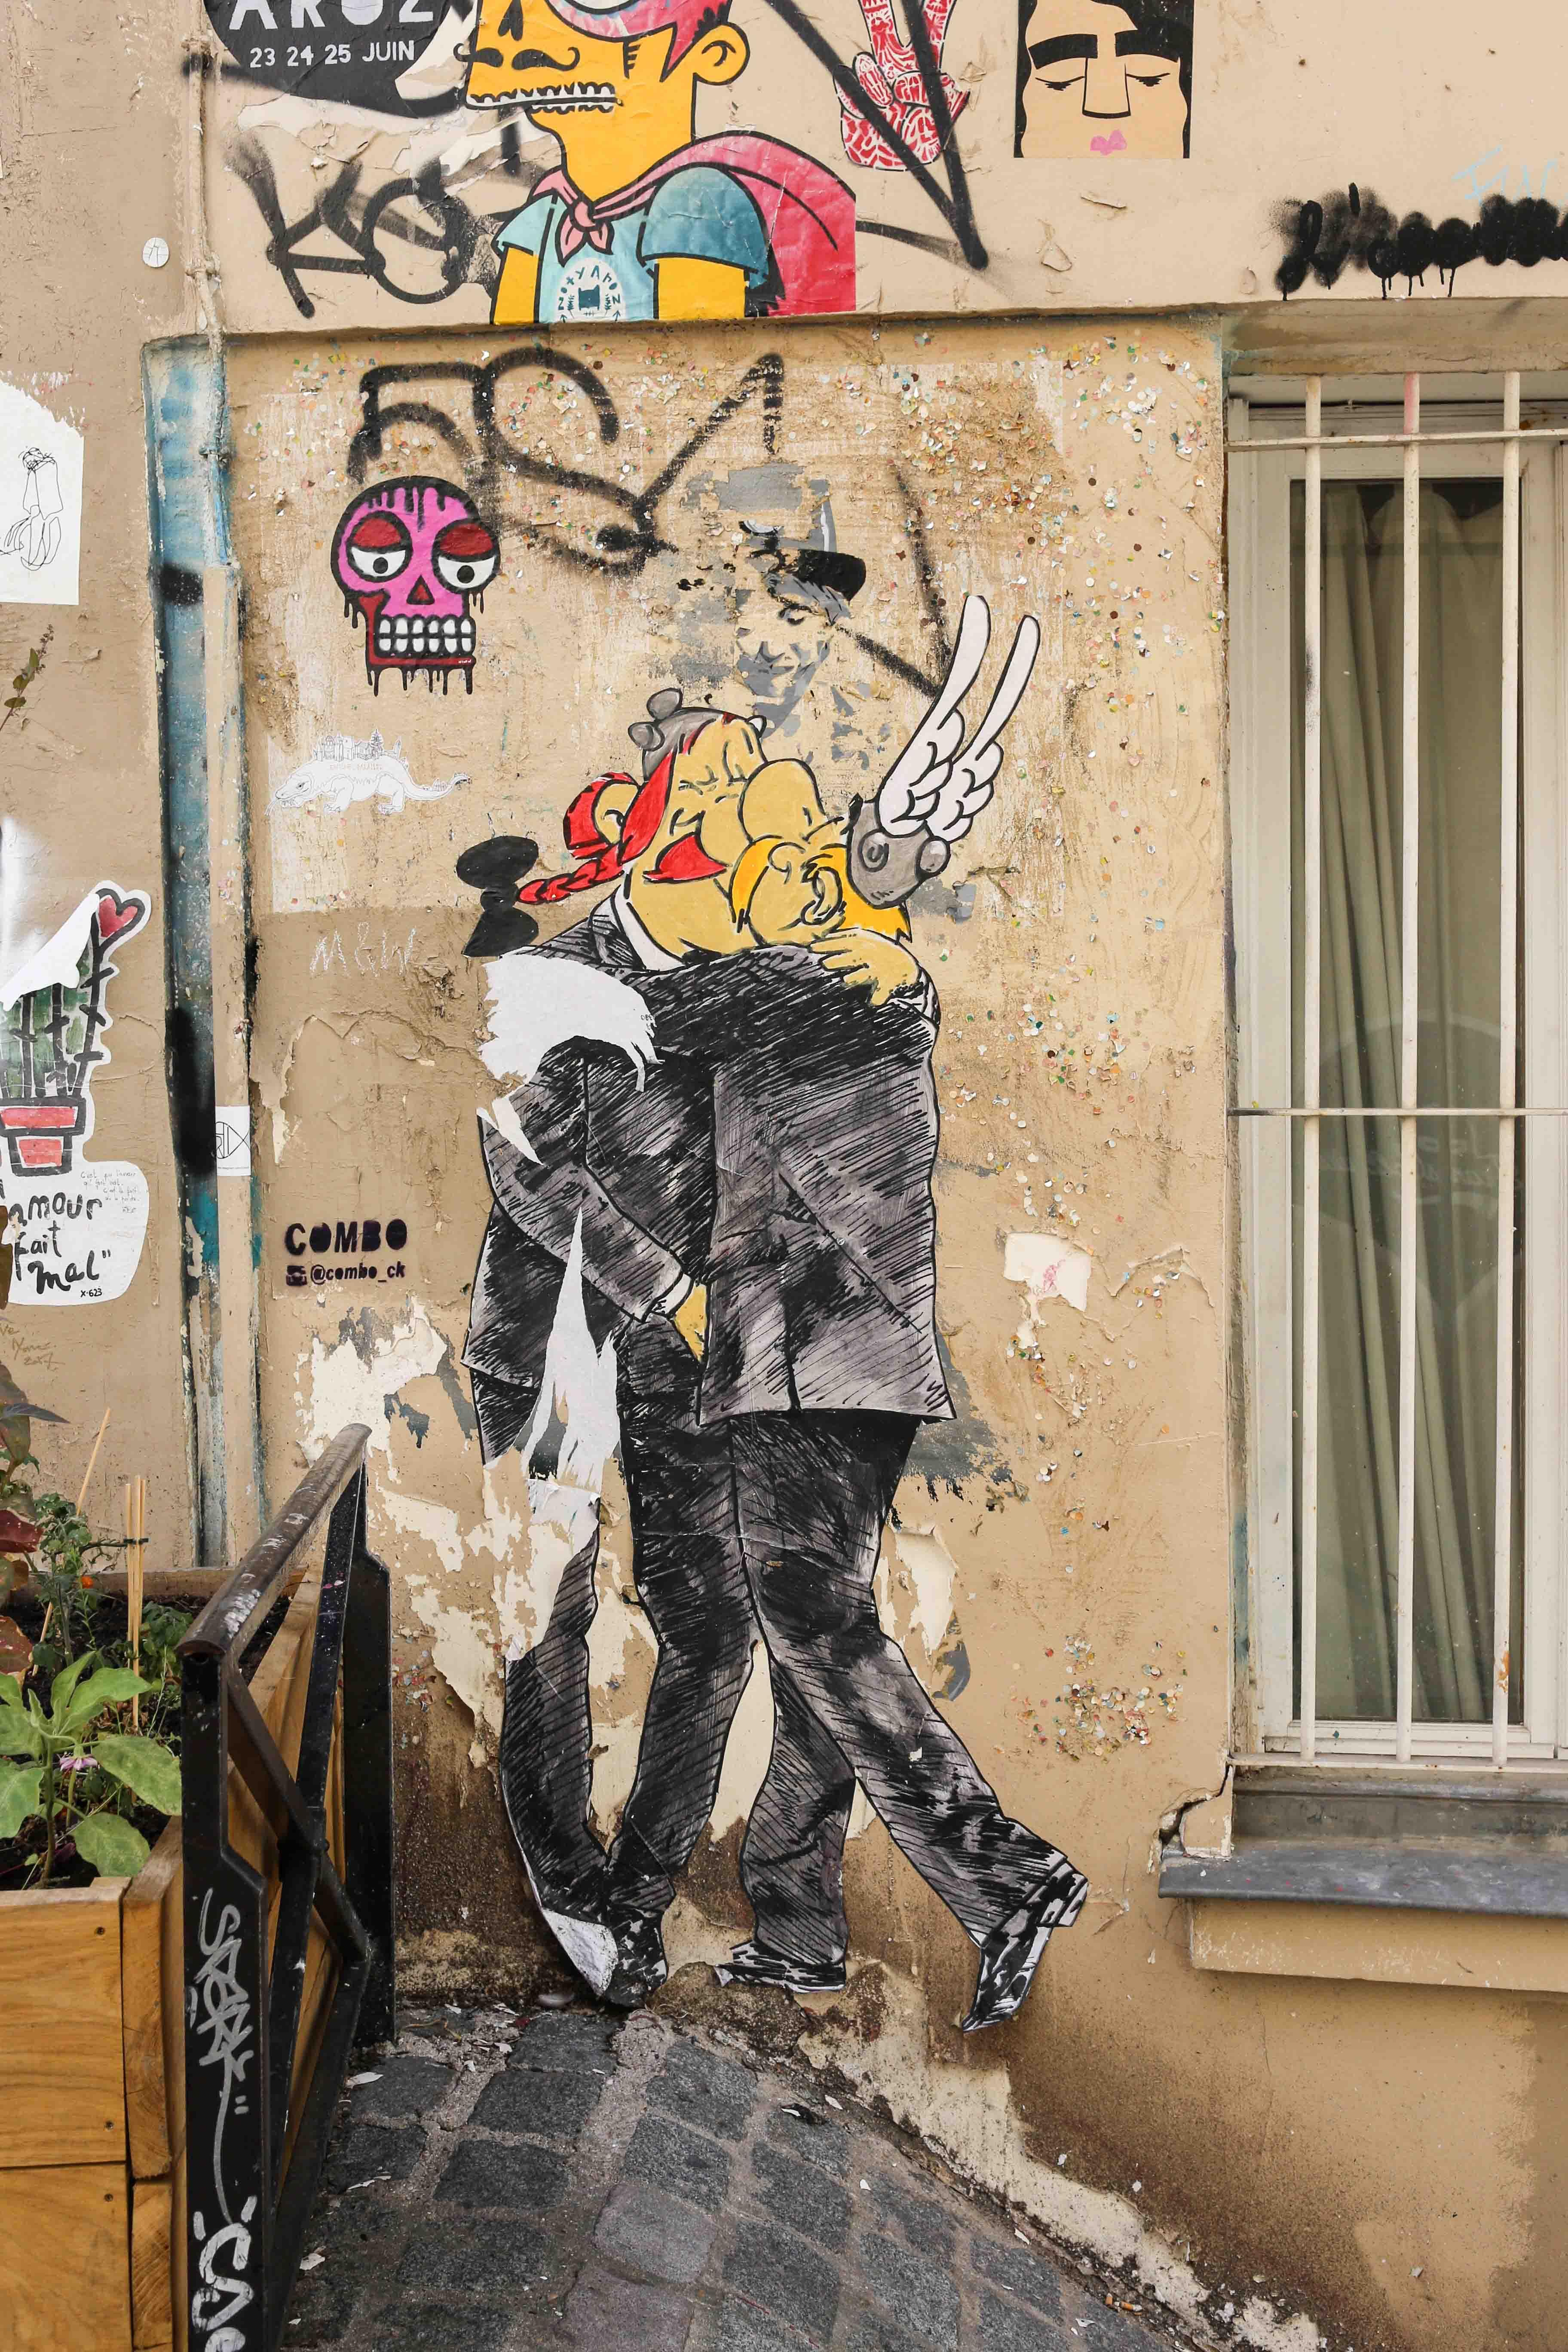 kurztrip-paris-7-tipps-stadt-der-liebe-frankreich-reiseblog-travelblog_2457